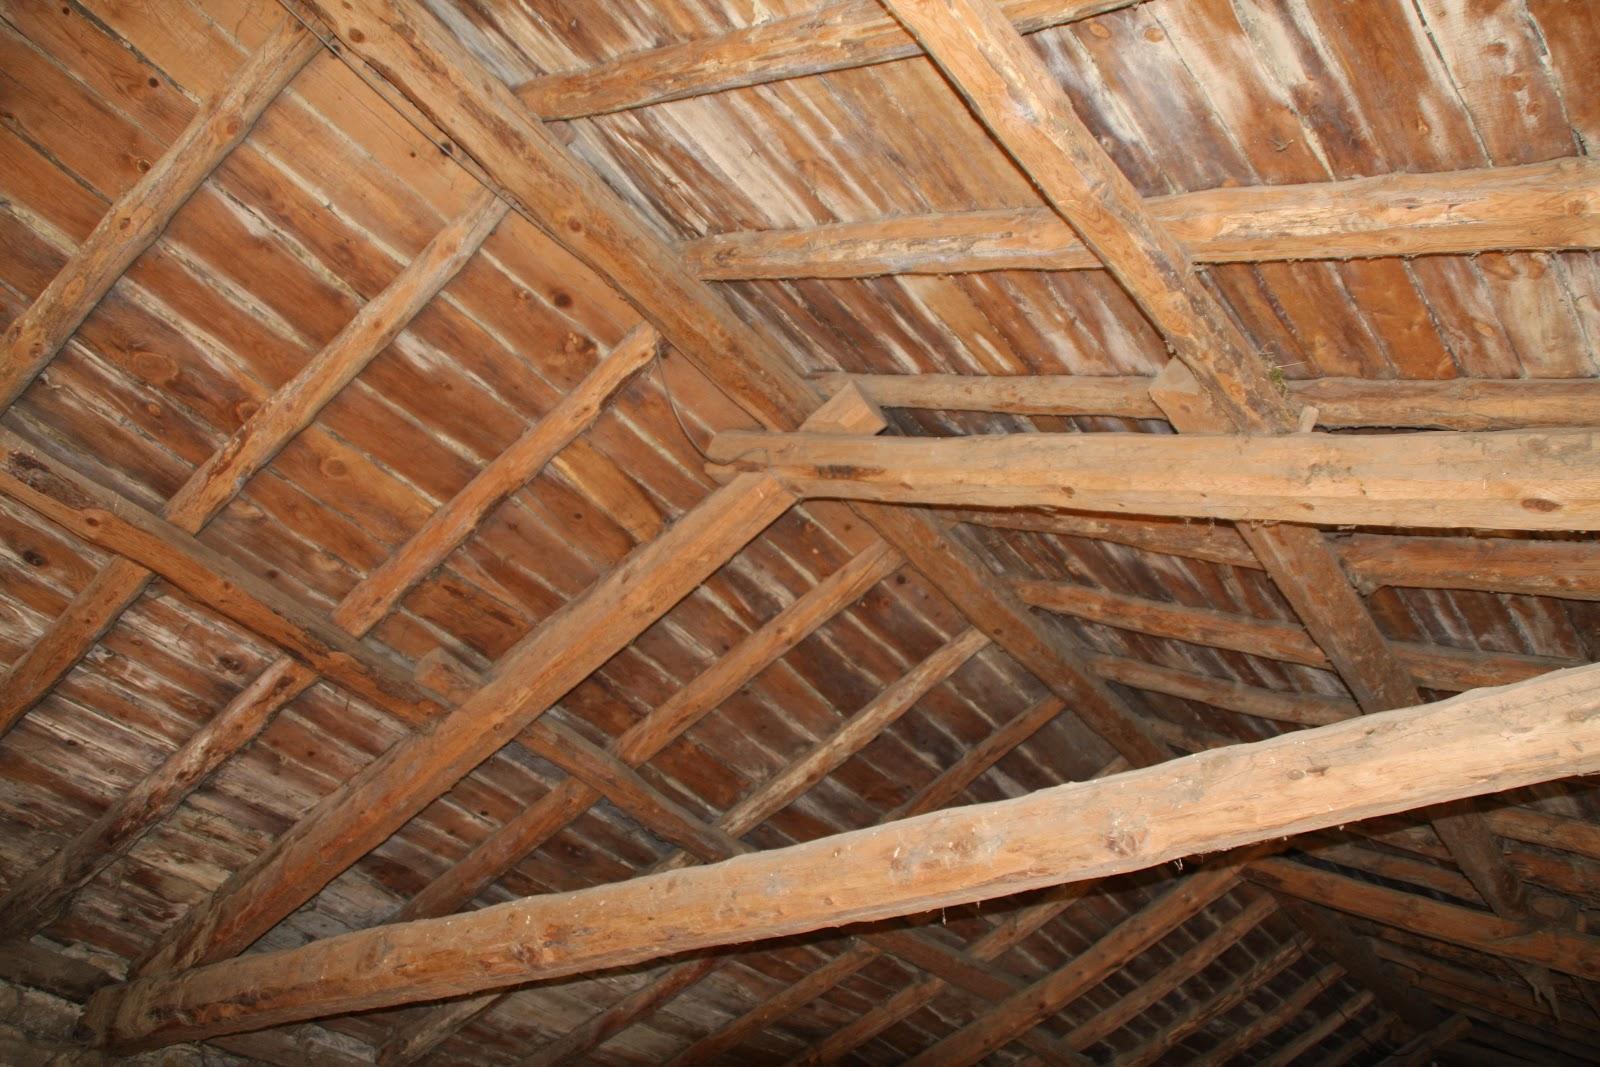 Buscando a pyrene empezando la casa por el tejado for Tejado de madera o hormigon